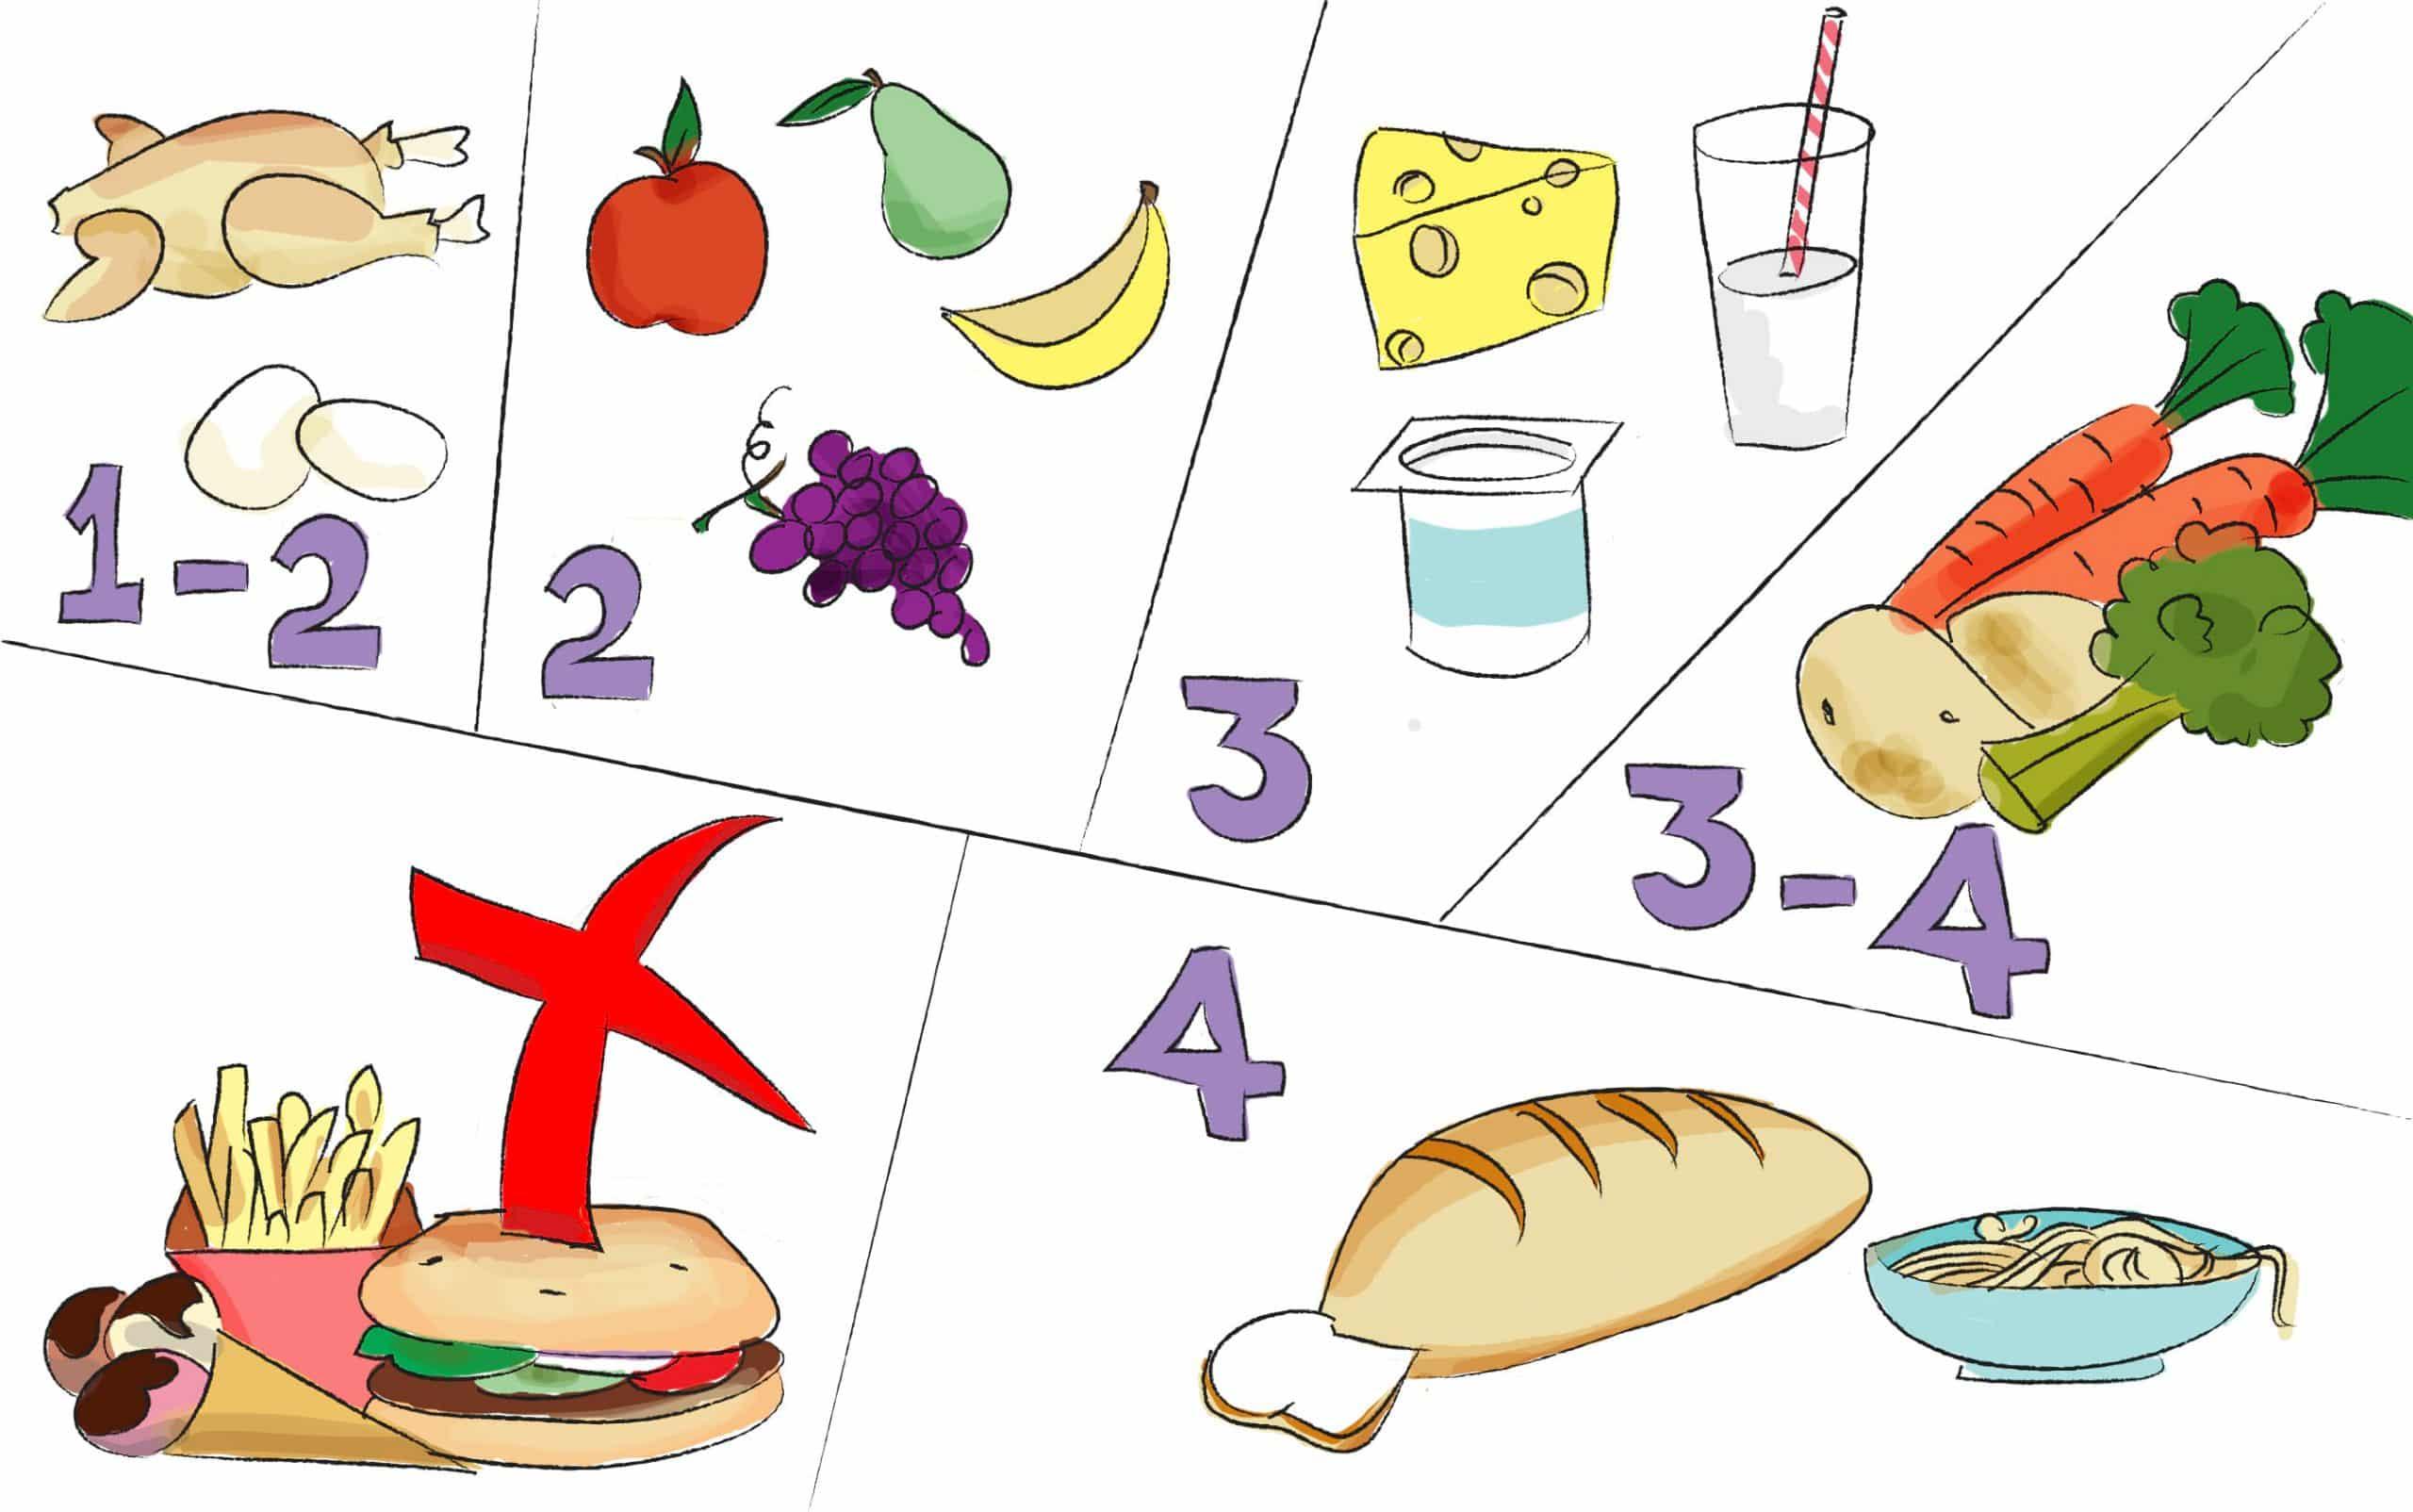 כמויות וקבוצות מזון לפעוטות בני 2-4 שנים